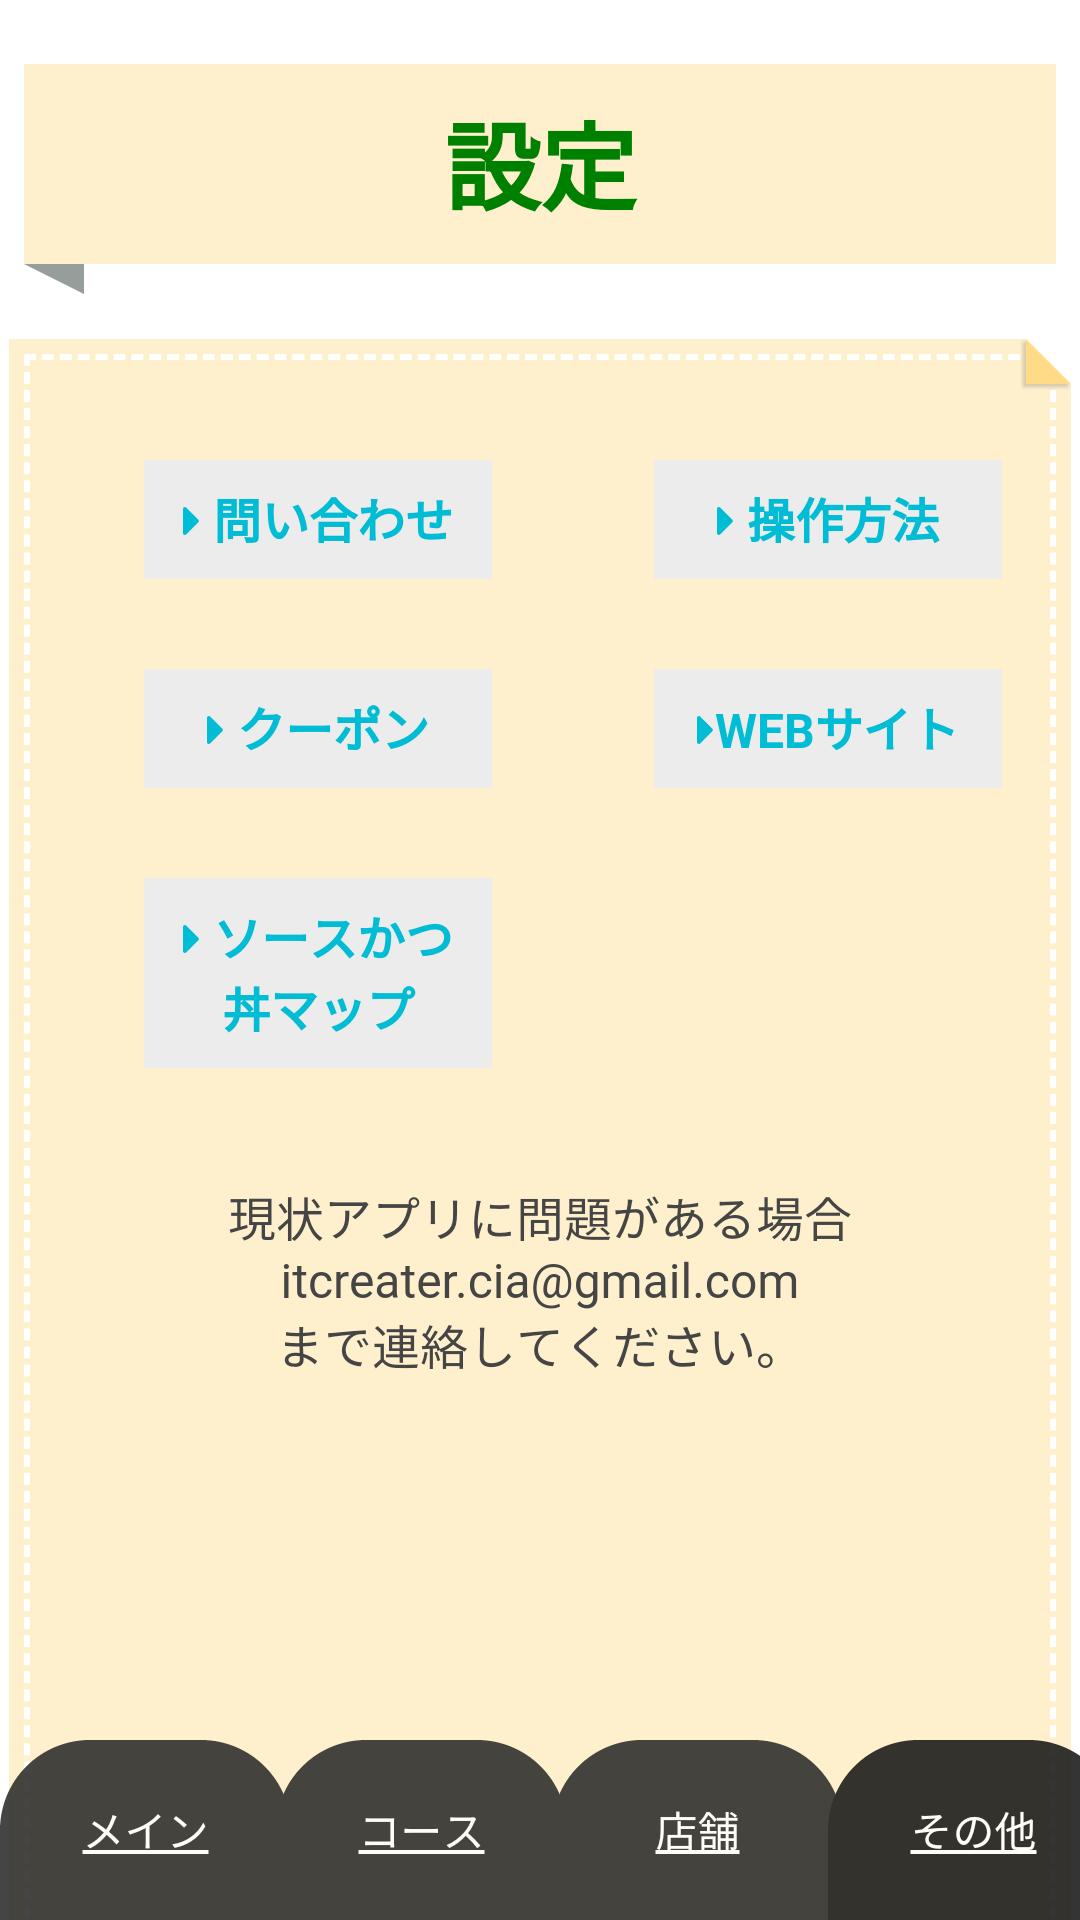 """""""サクッ!!とまえばし キャラクターとソースかつ丼めぐり 設定イメージ"""